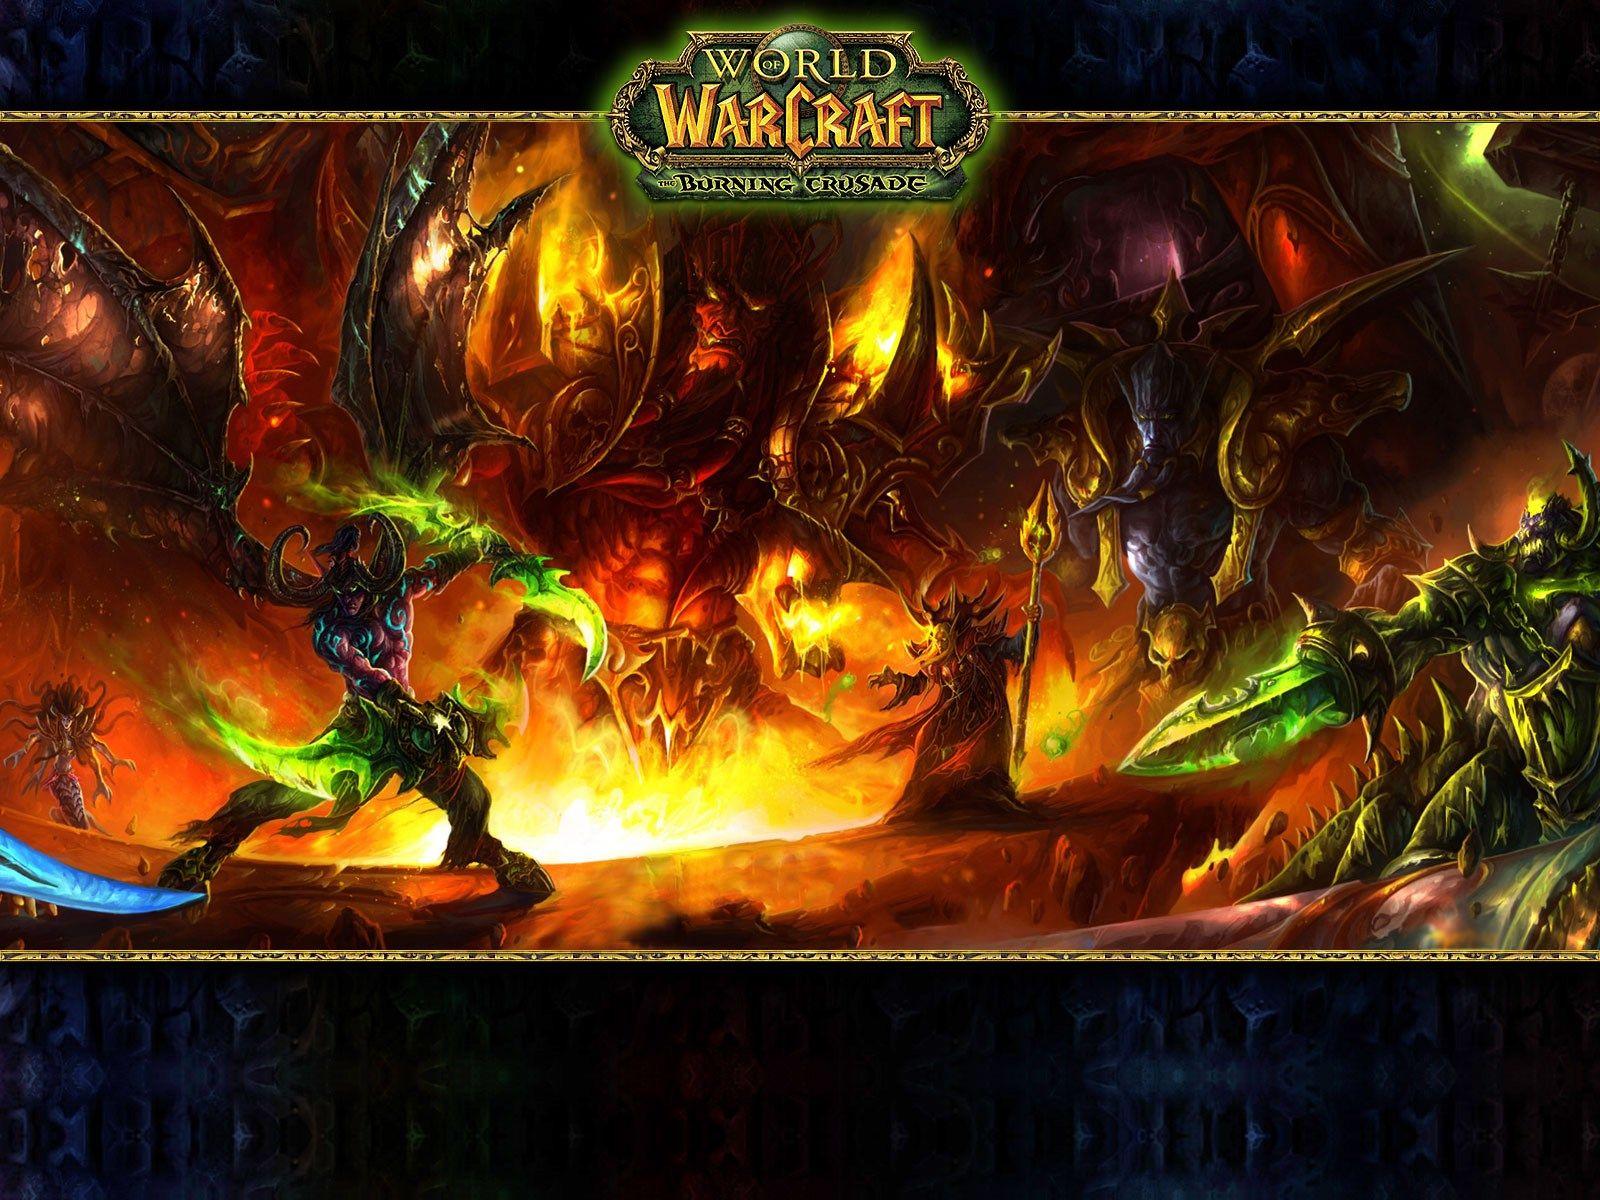 Windows Wallpaper World Of Warcraft The Burning Crusade